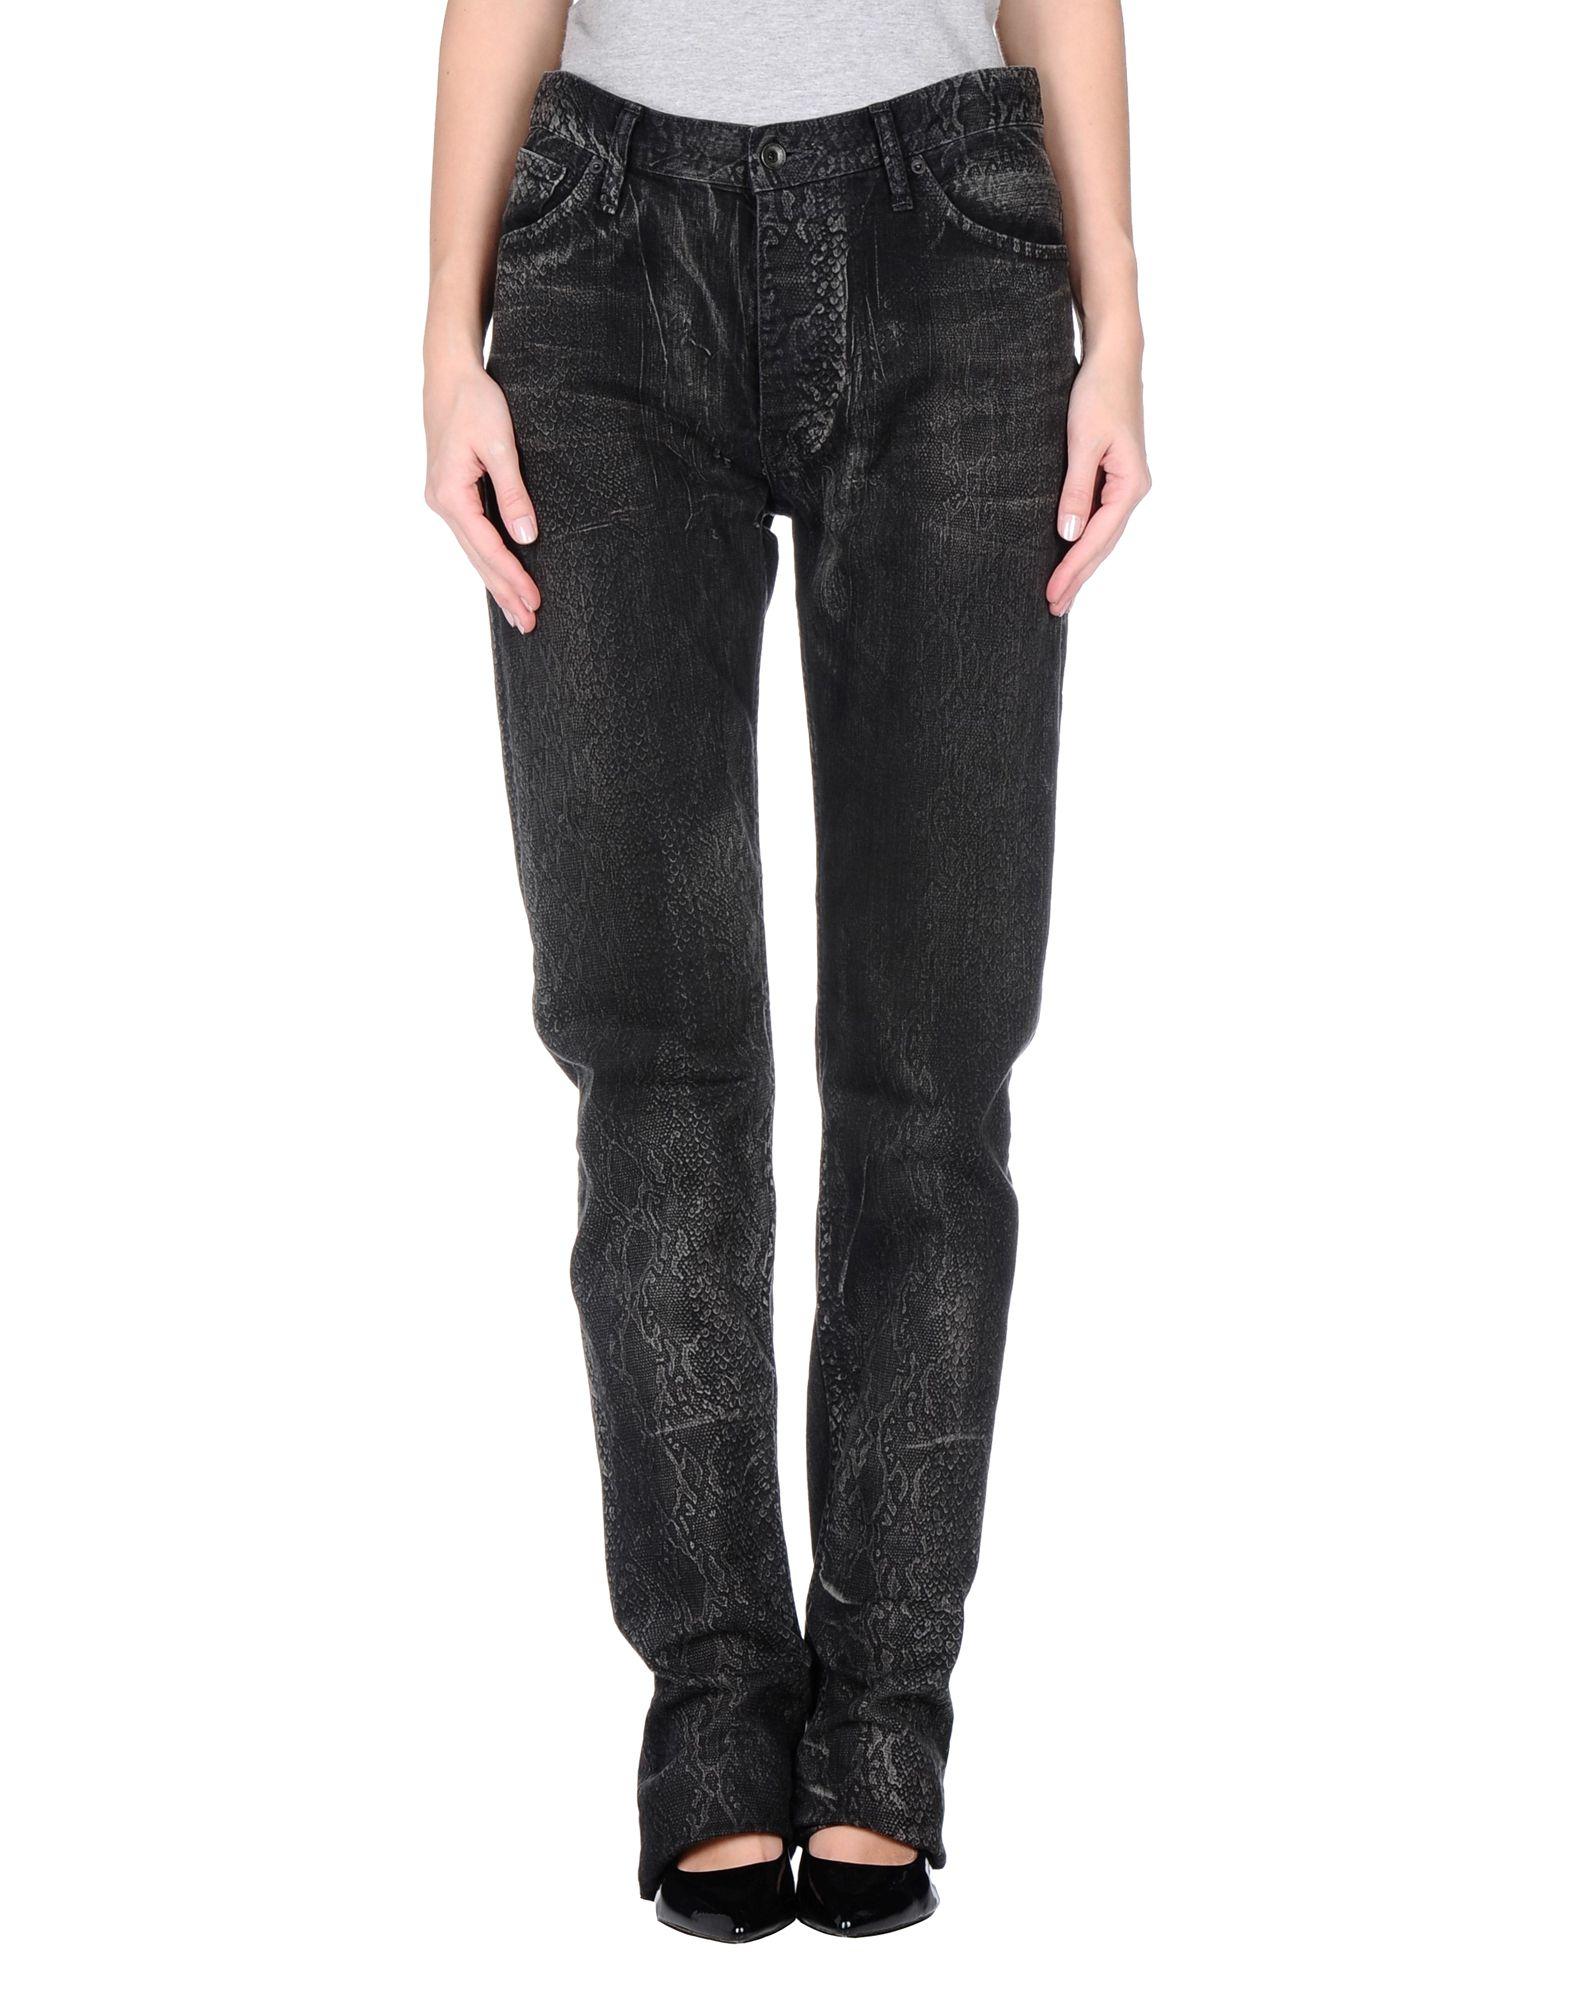 L.G.B. Denim Pants in Black